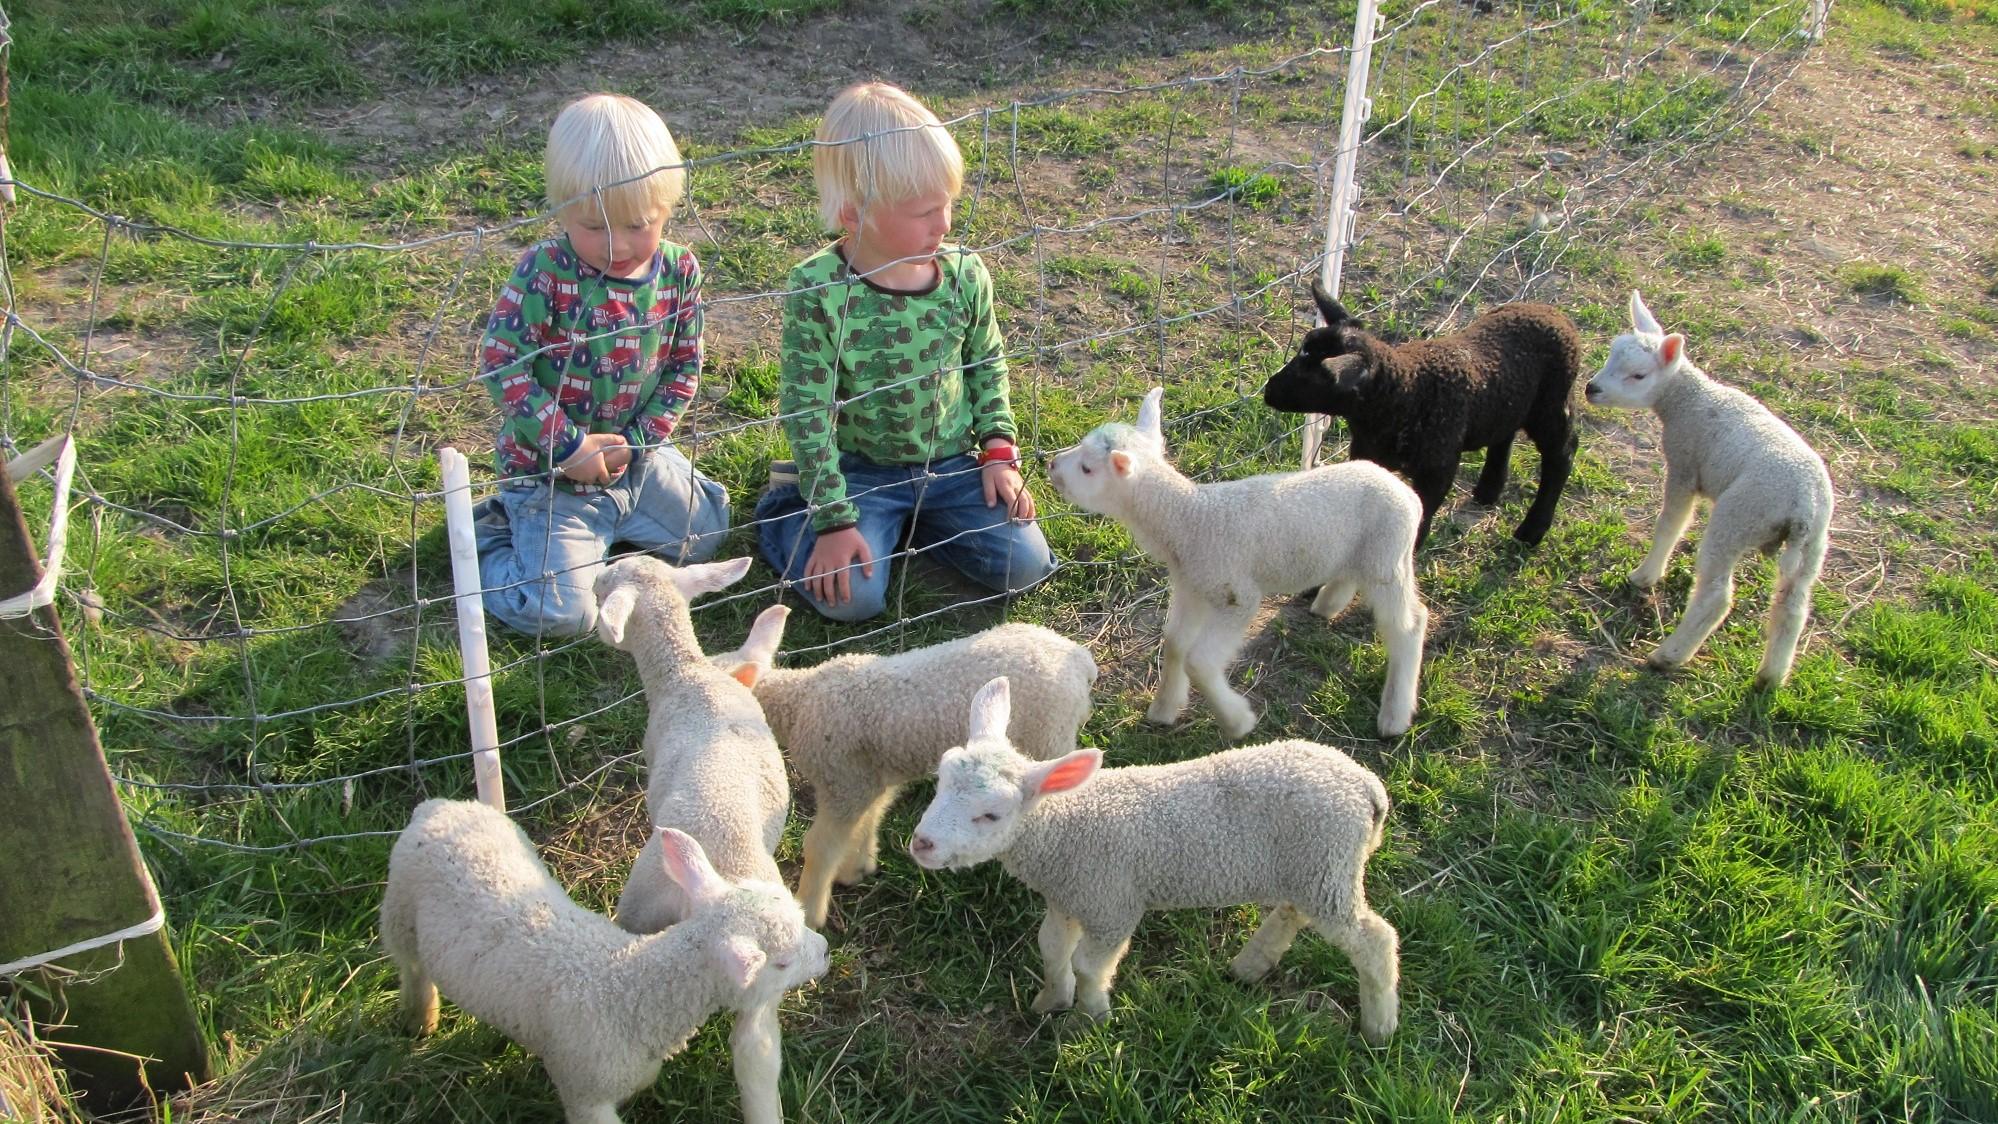 Lammetjes vakantiehuis Friesland